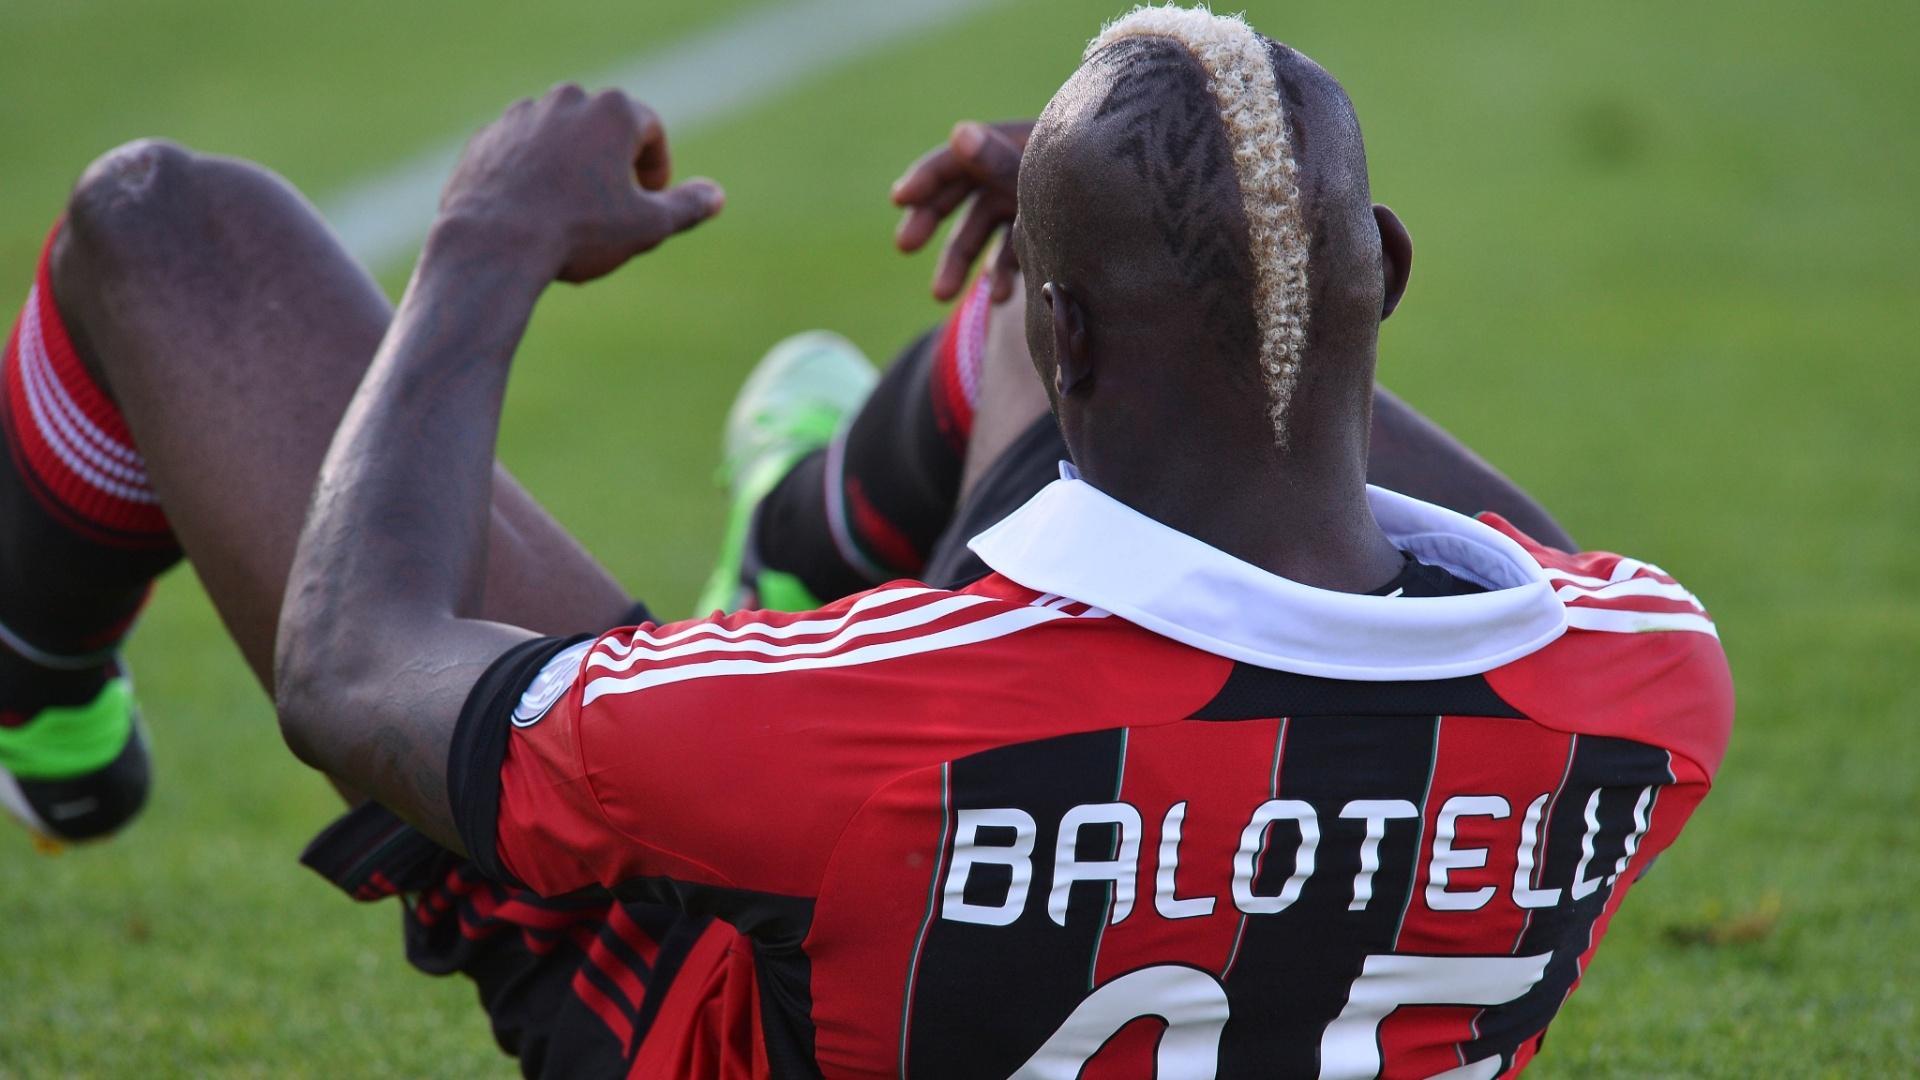 8.mai.2013 - Atacante italiano Balotelli cai durante partida do Milan contra o Pescara, pelo Campeonato Italiano